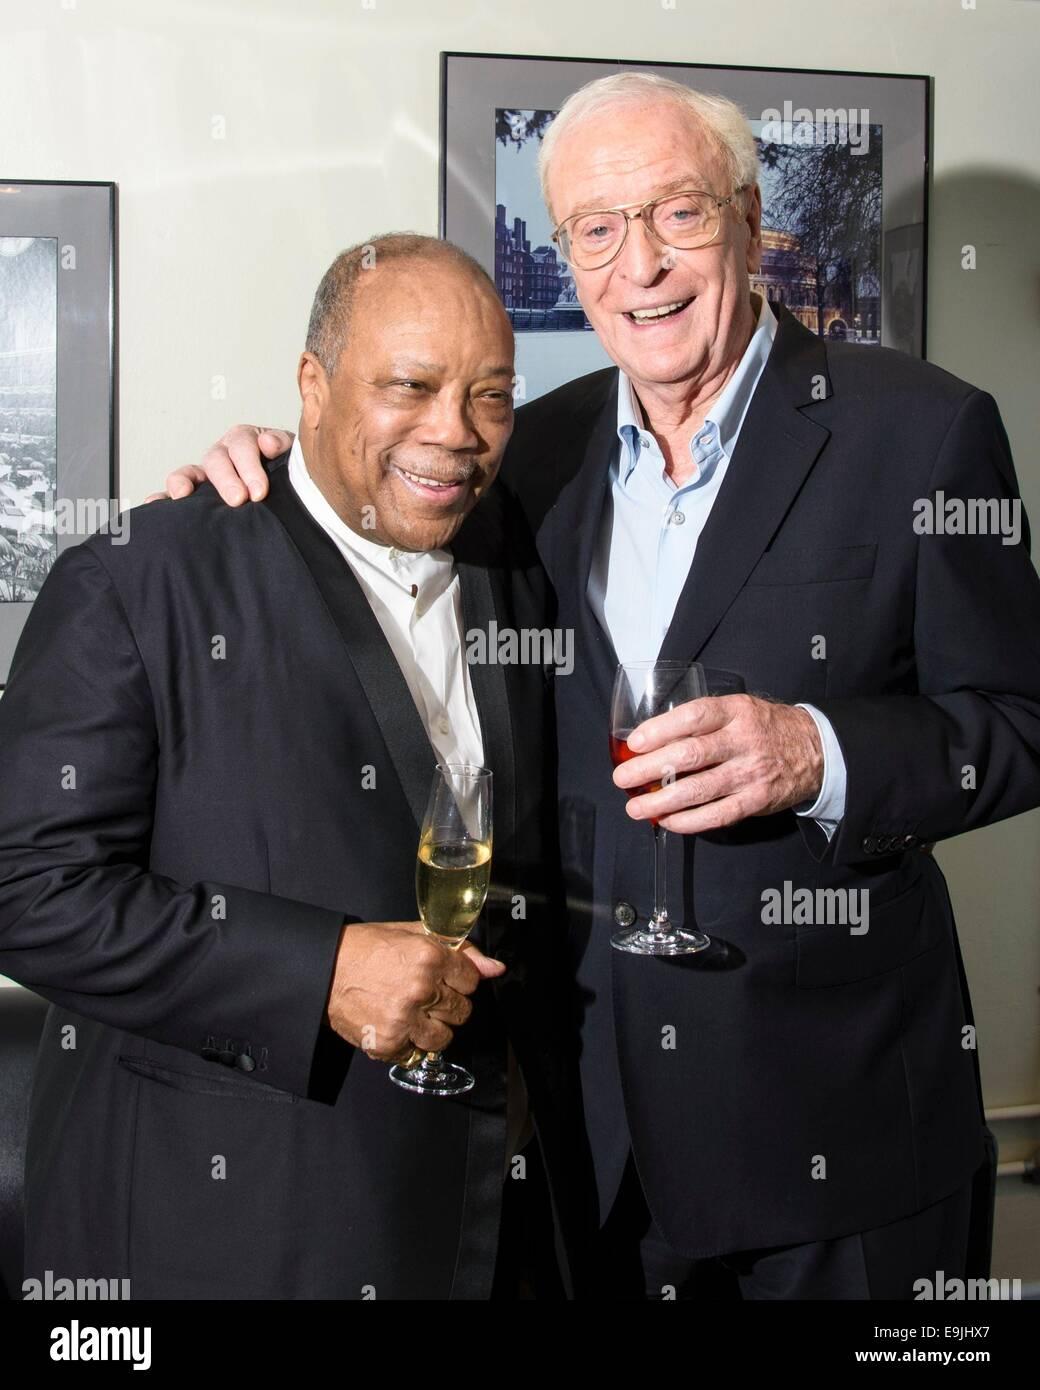 Sir Michael Caine e Quincy Jones dietro le quinte di una notte fuori con Sir Michael Caine il 01/10/2014 presso Foto Stock